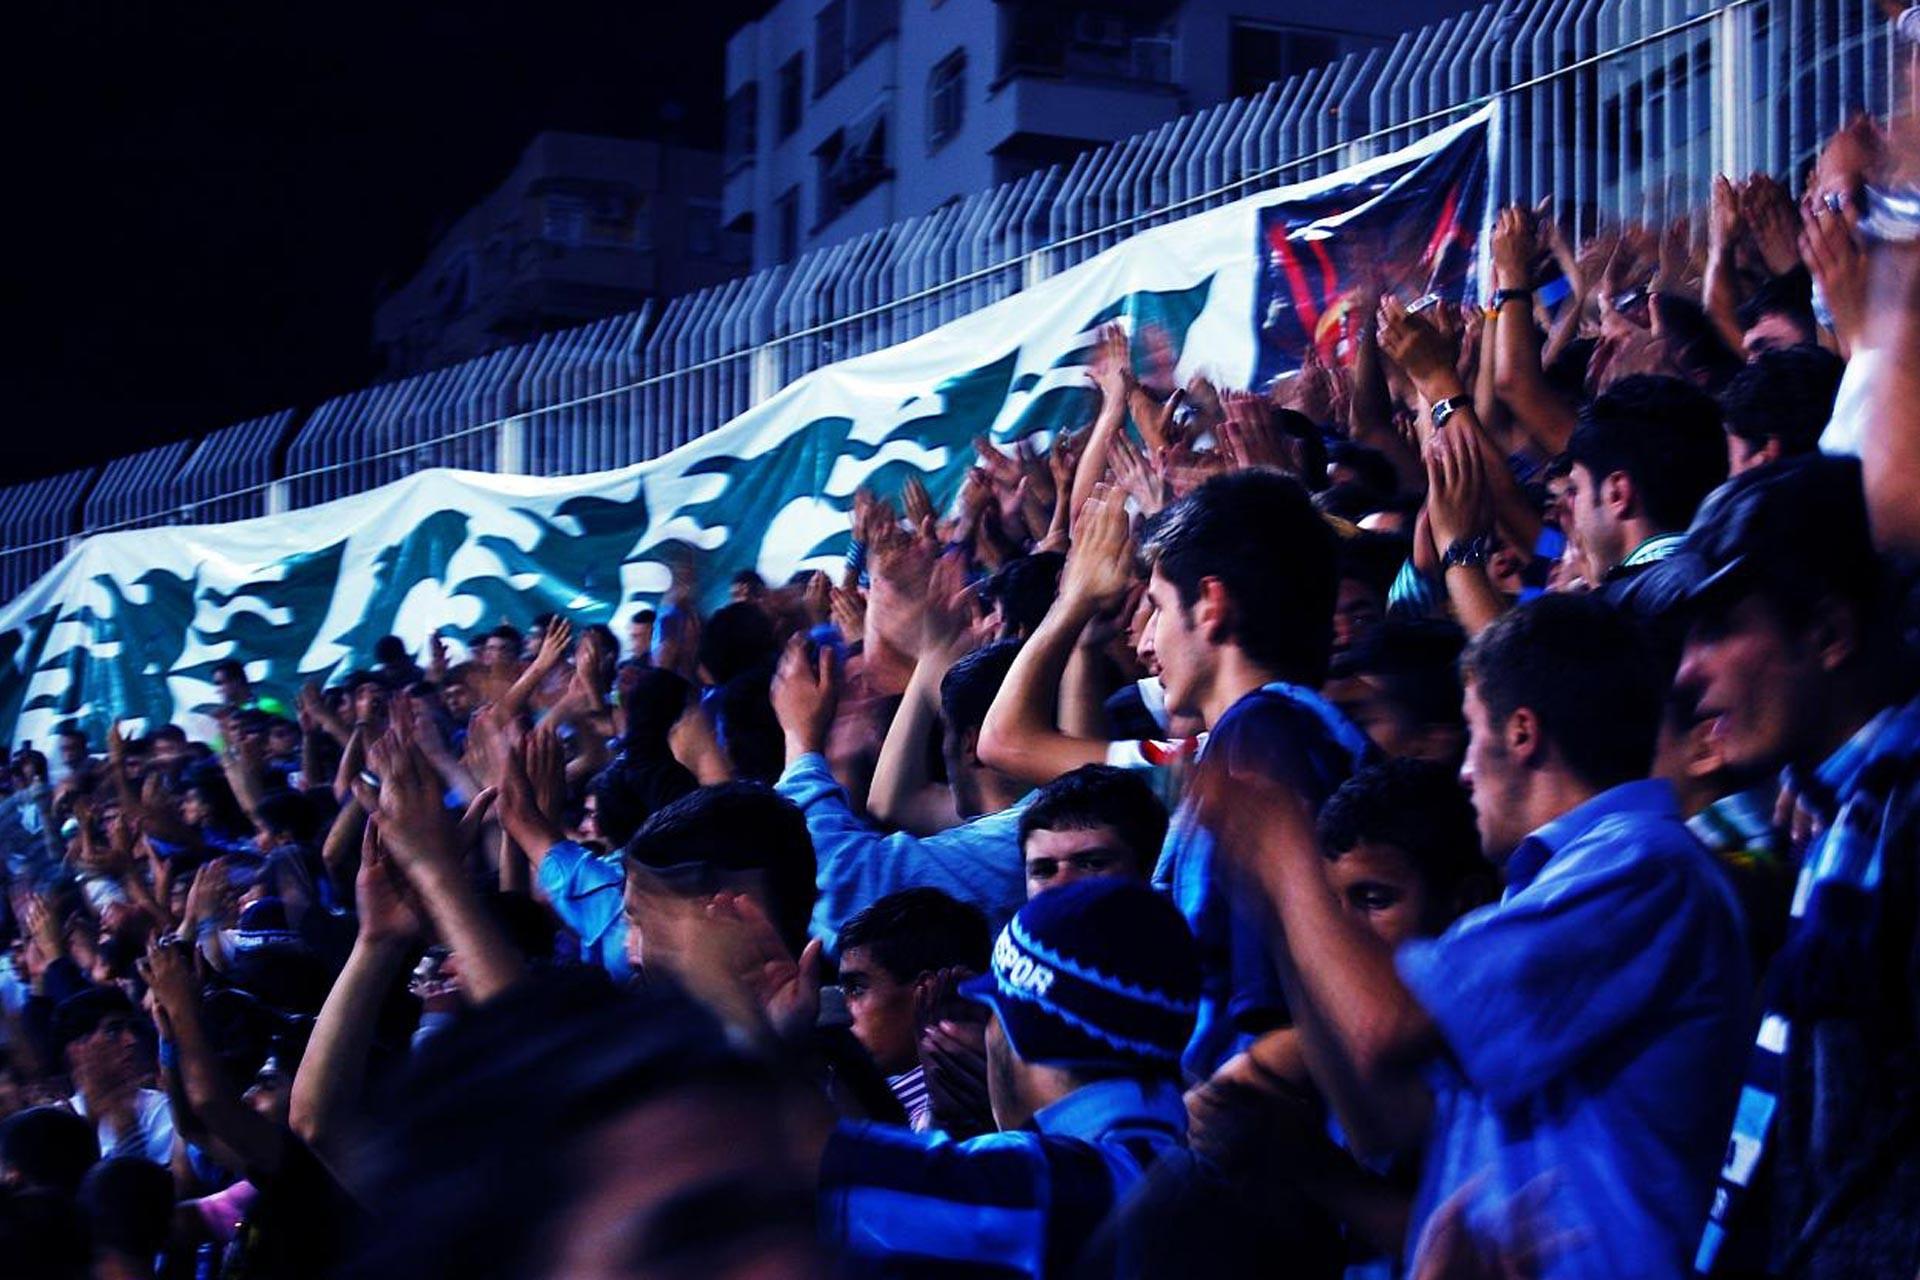 Adana 5 Ocak Stadyumunda bir maç esnasında takımlarını destekleyen taraftarlar